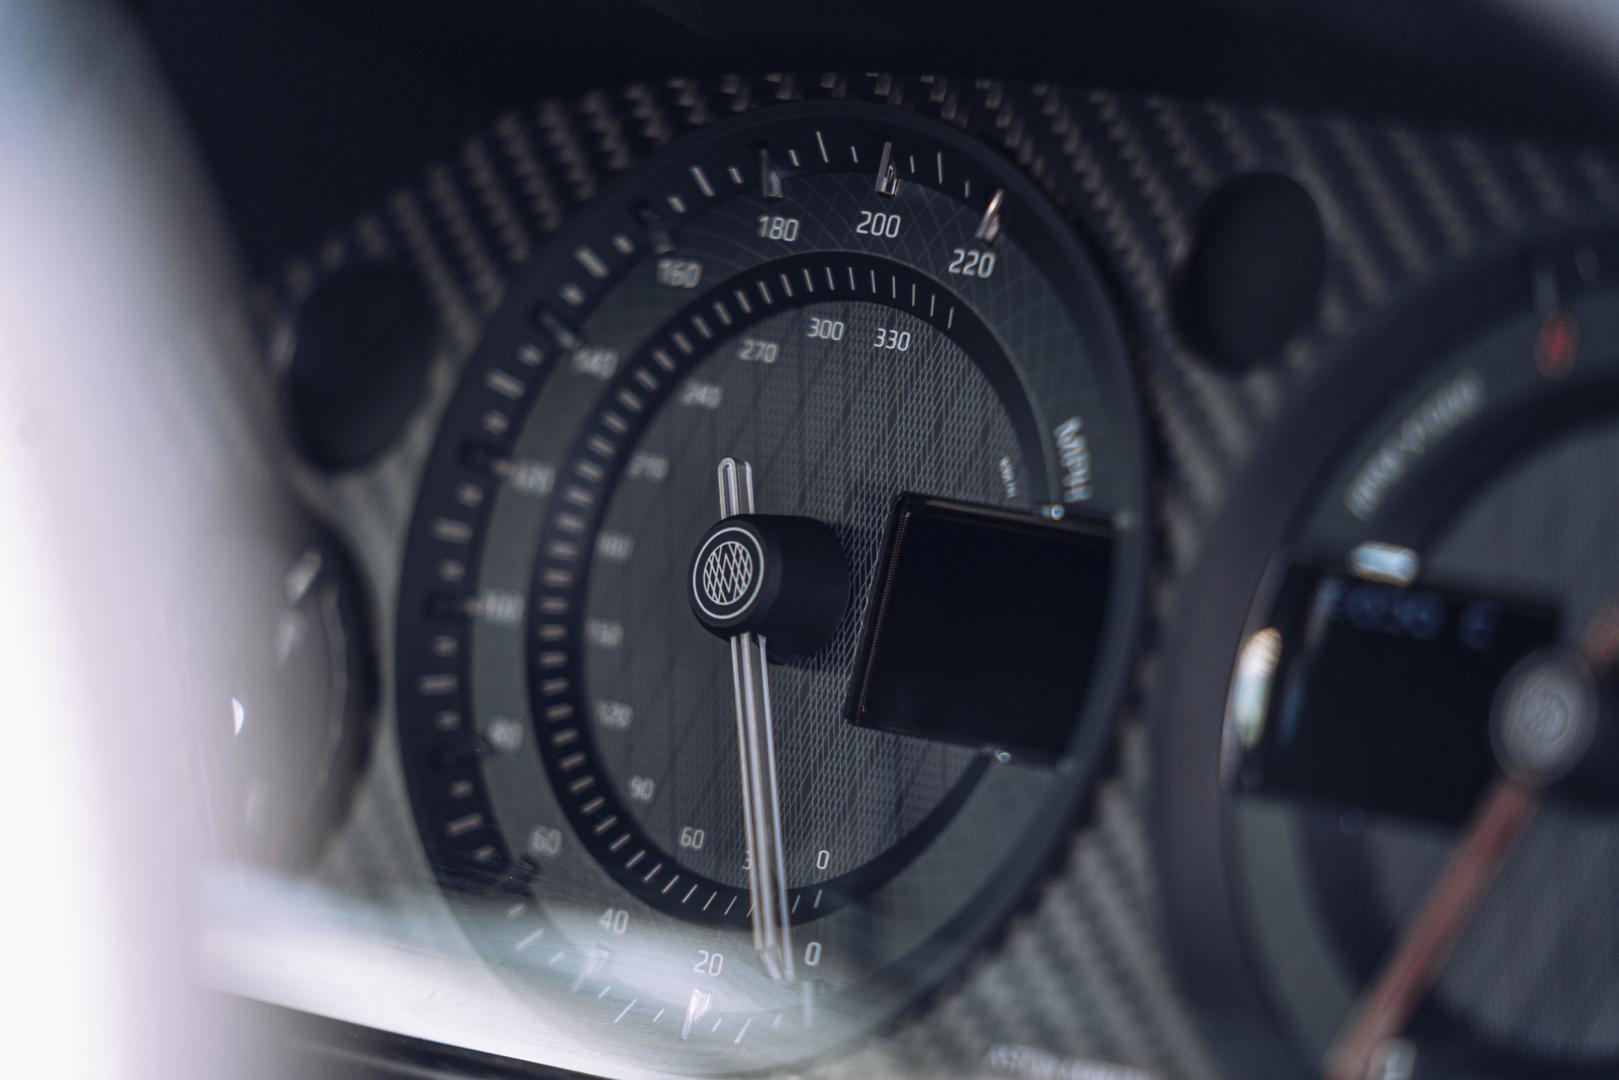 Aston Martin teller